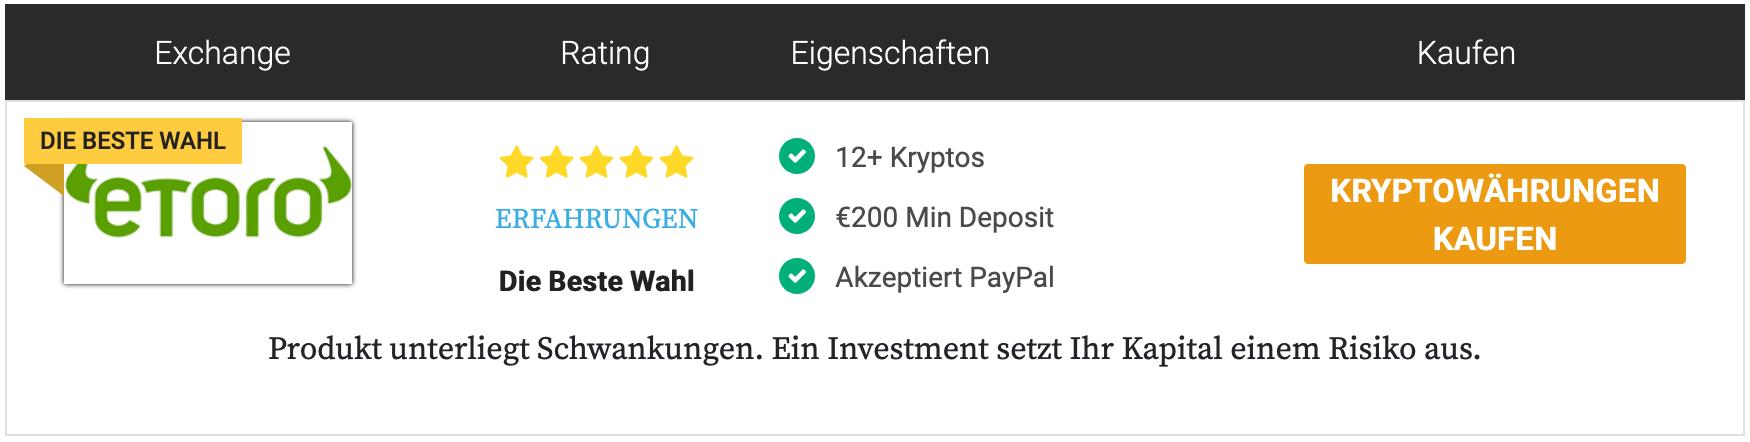 trx kaufen kryptowährung leicht geld verdienen apps